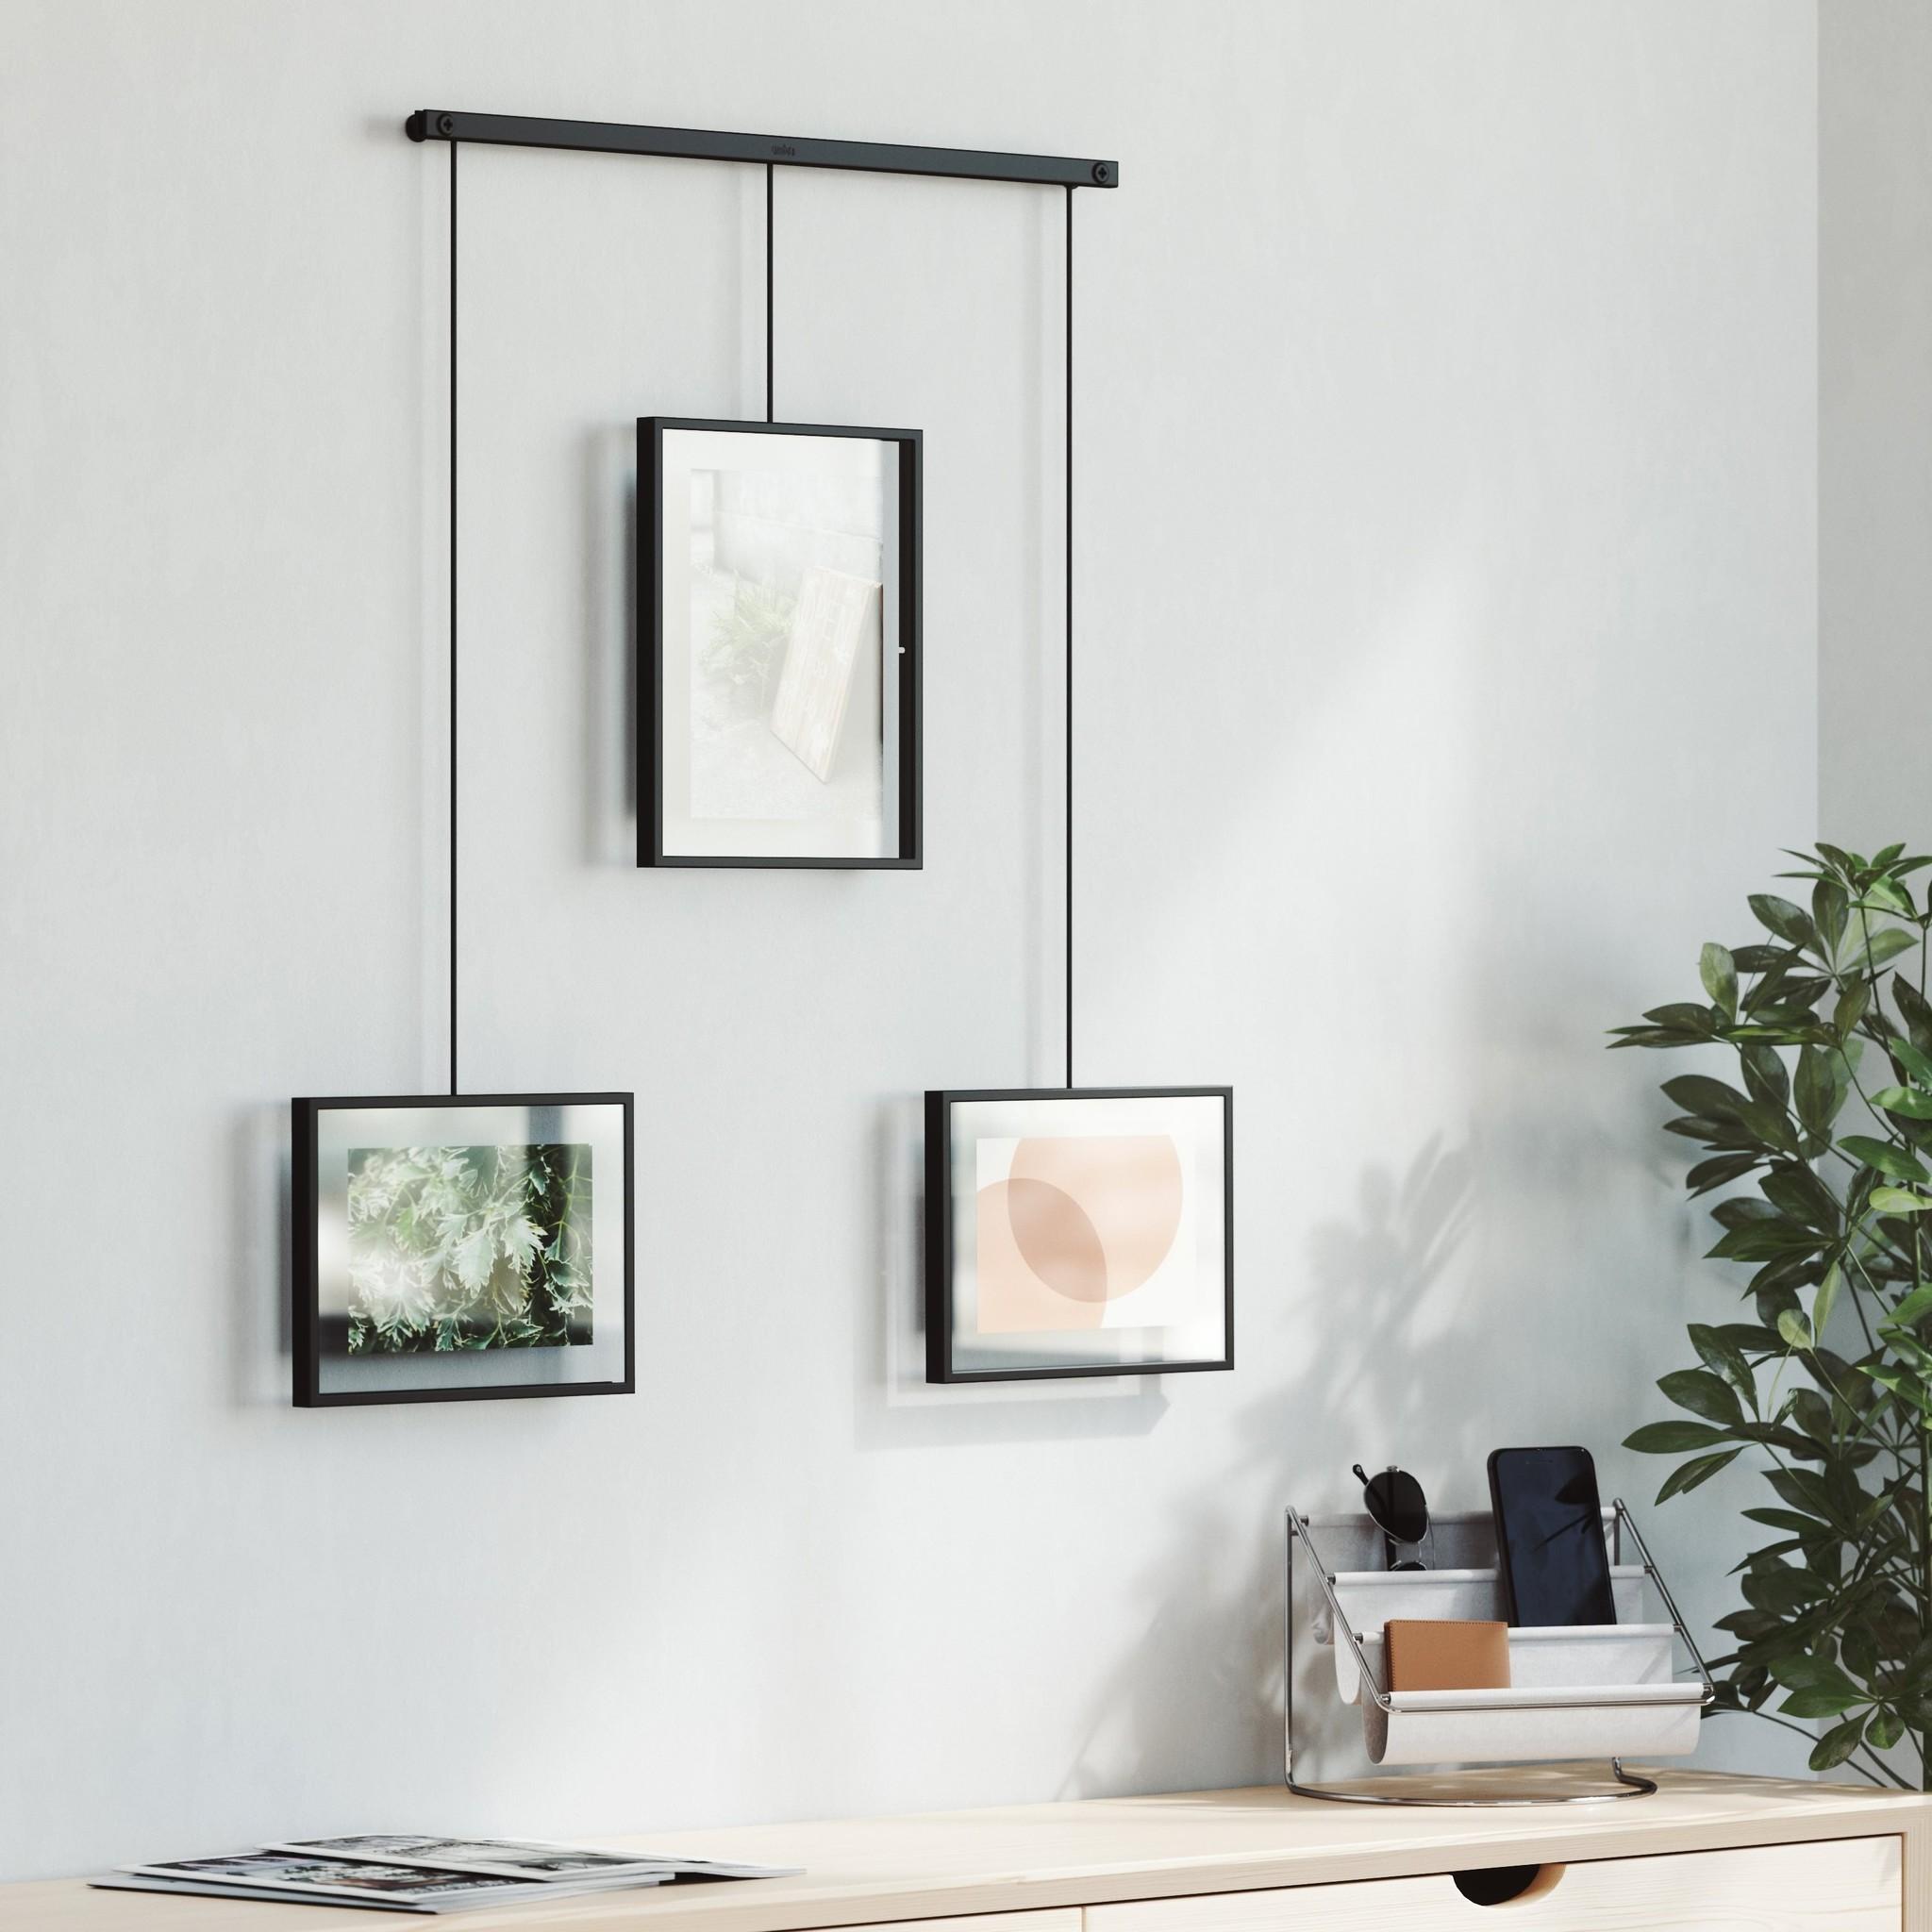 Umbra Photo Frame Exhibit 3 multi black